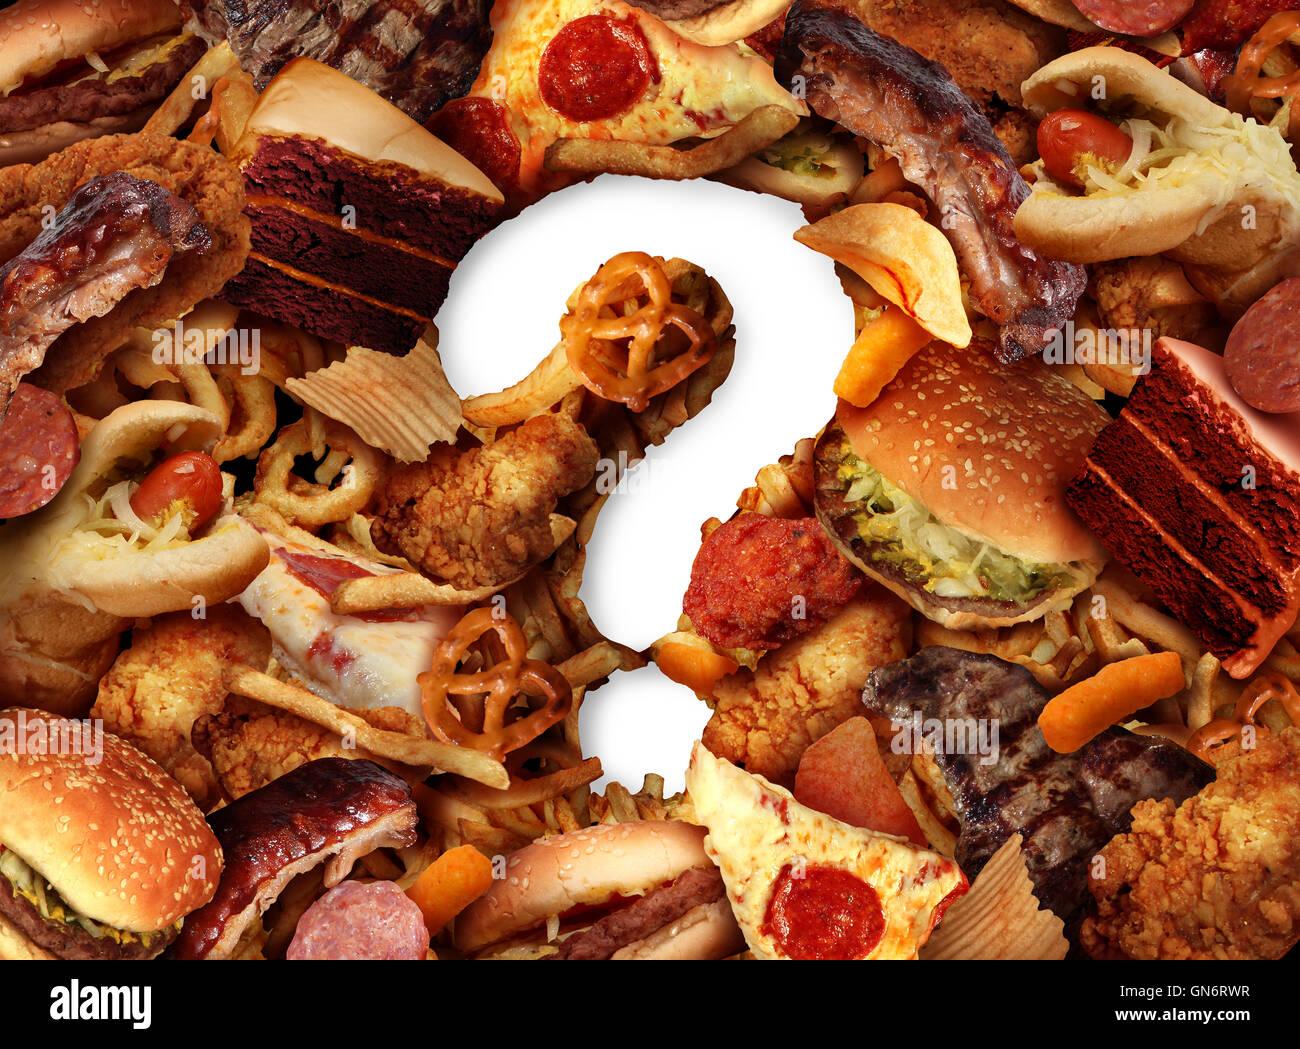 Ungesunde Lebensmittel Wahl Konzept und Diät Fragen Konzept und Ernährung sorgen mit fettig gebratene Stockbild